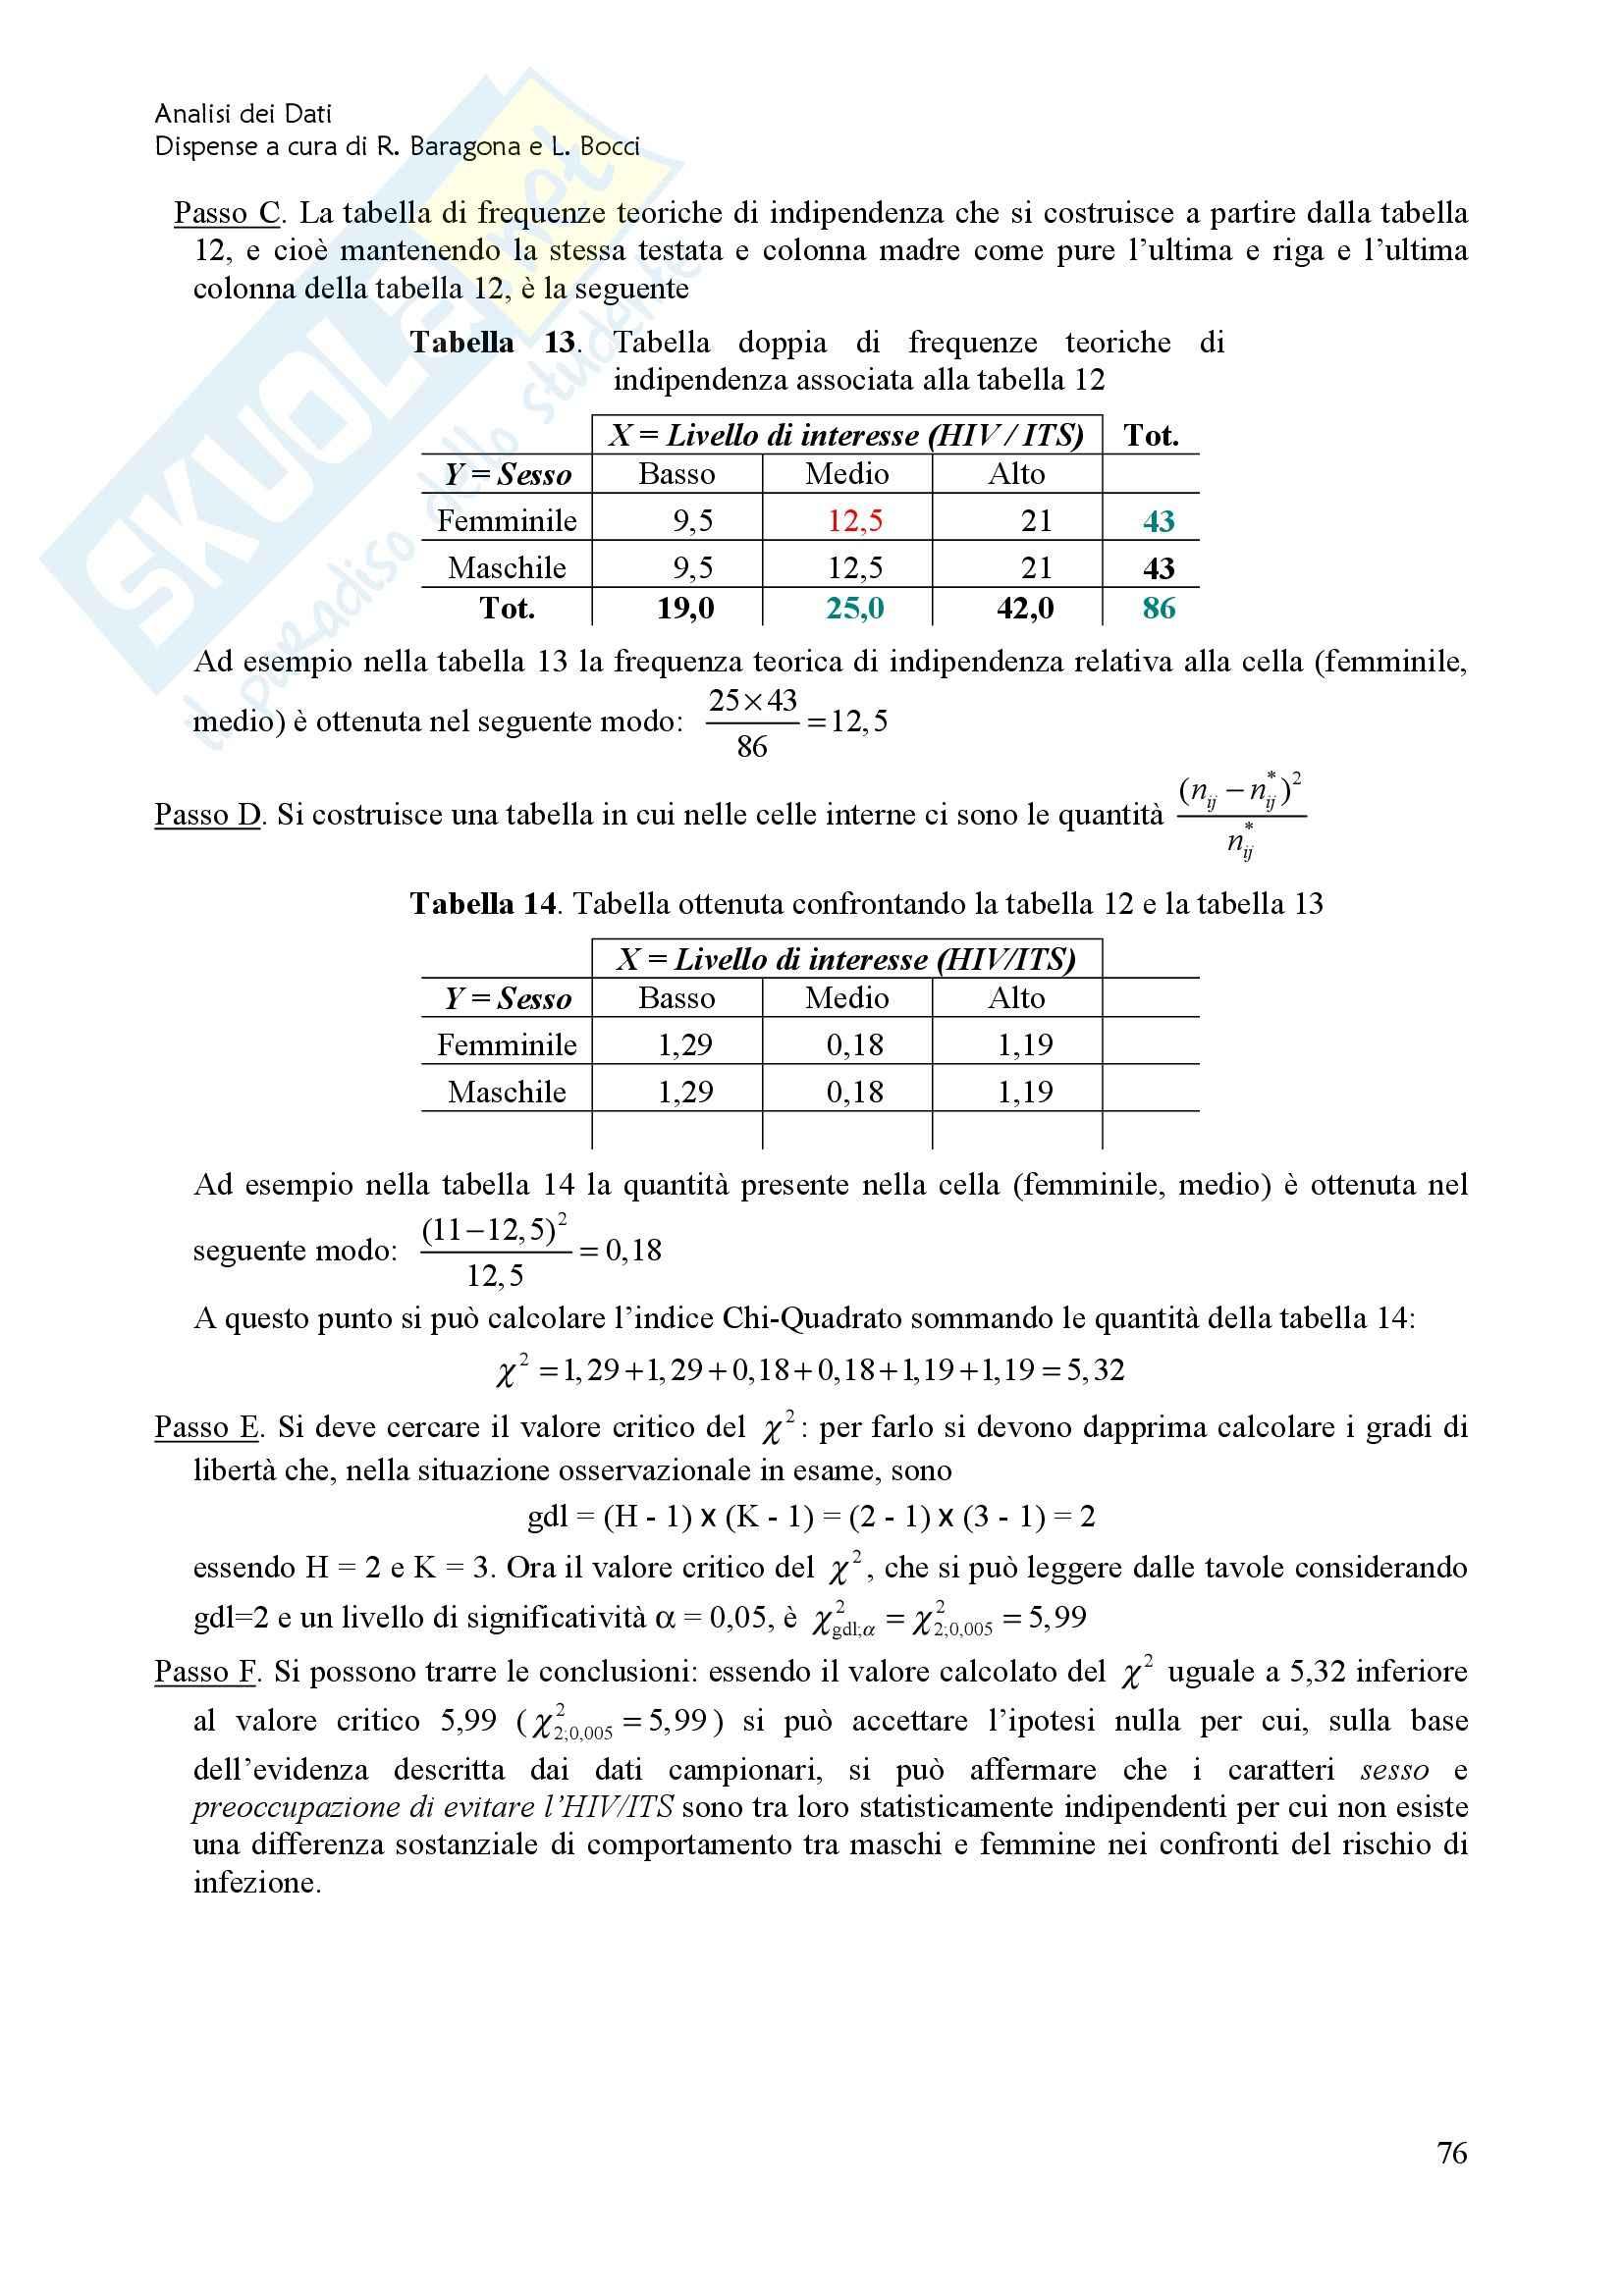 Analisi dei dati - nozioni generali Pag. 76